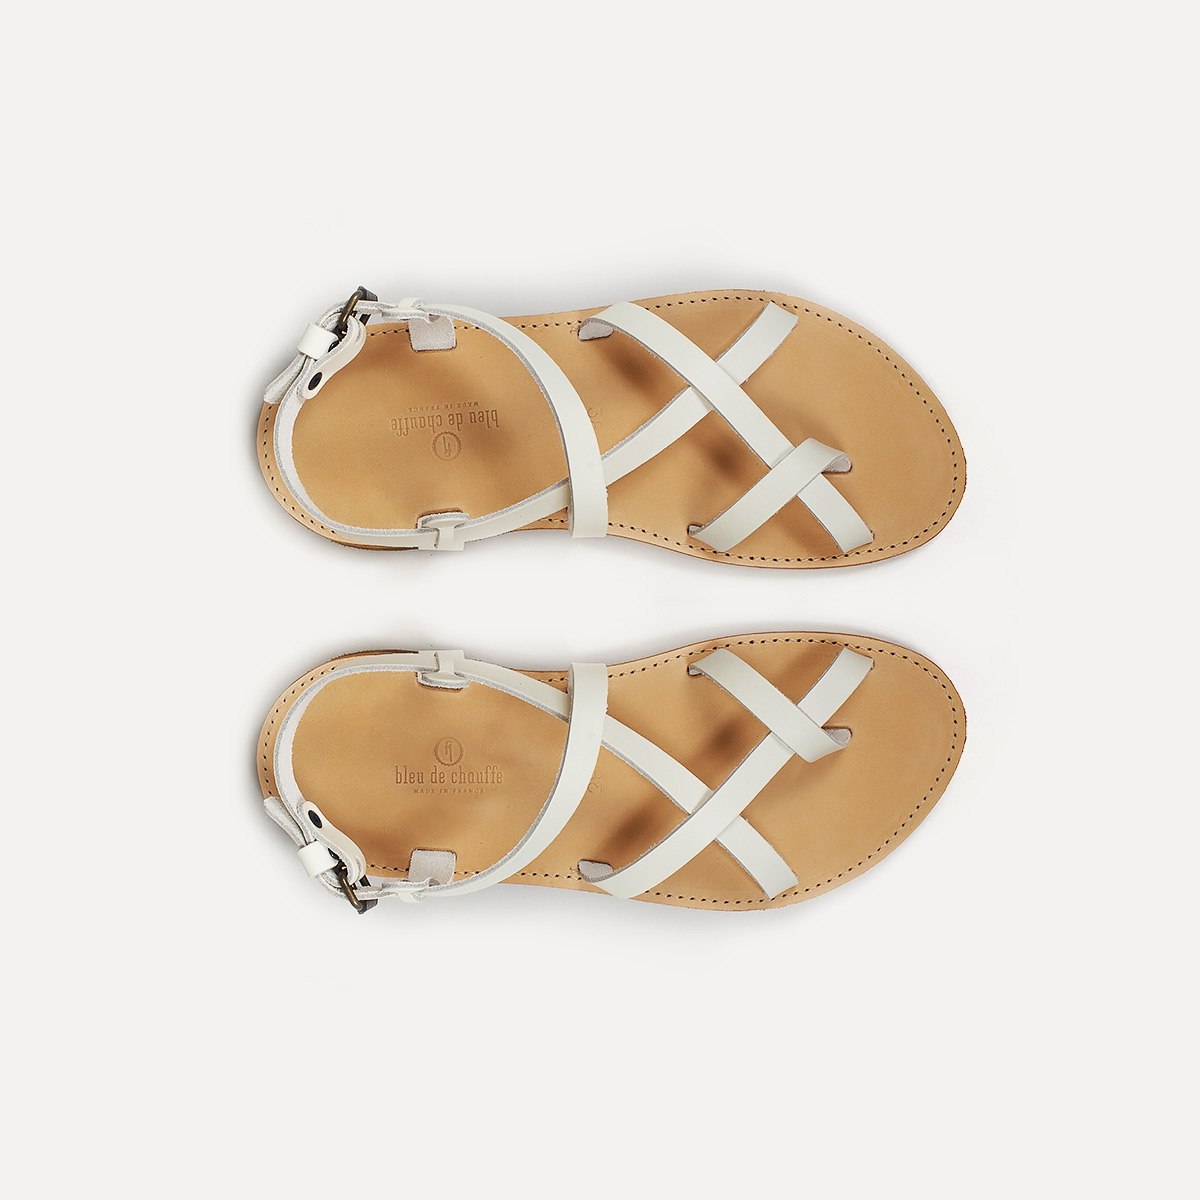 Sandales cuir Nara - Blanc (image n°1)